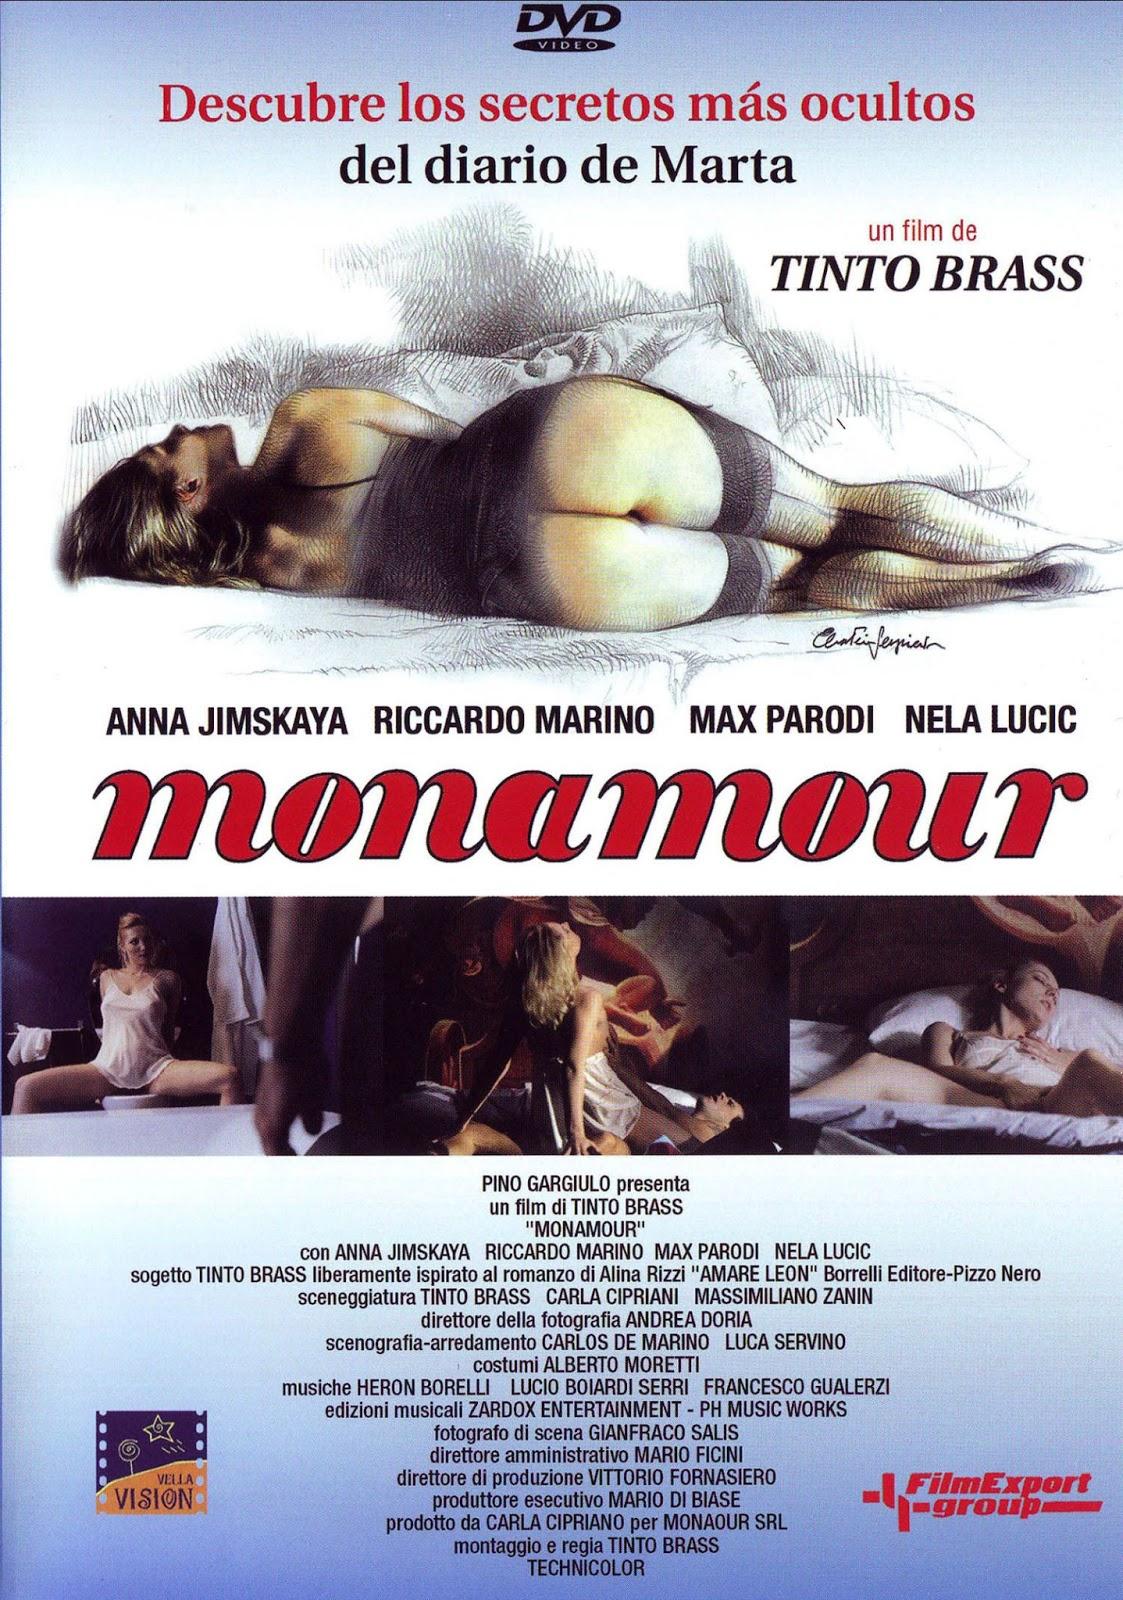 Tino brass movie